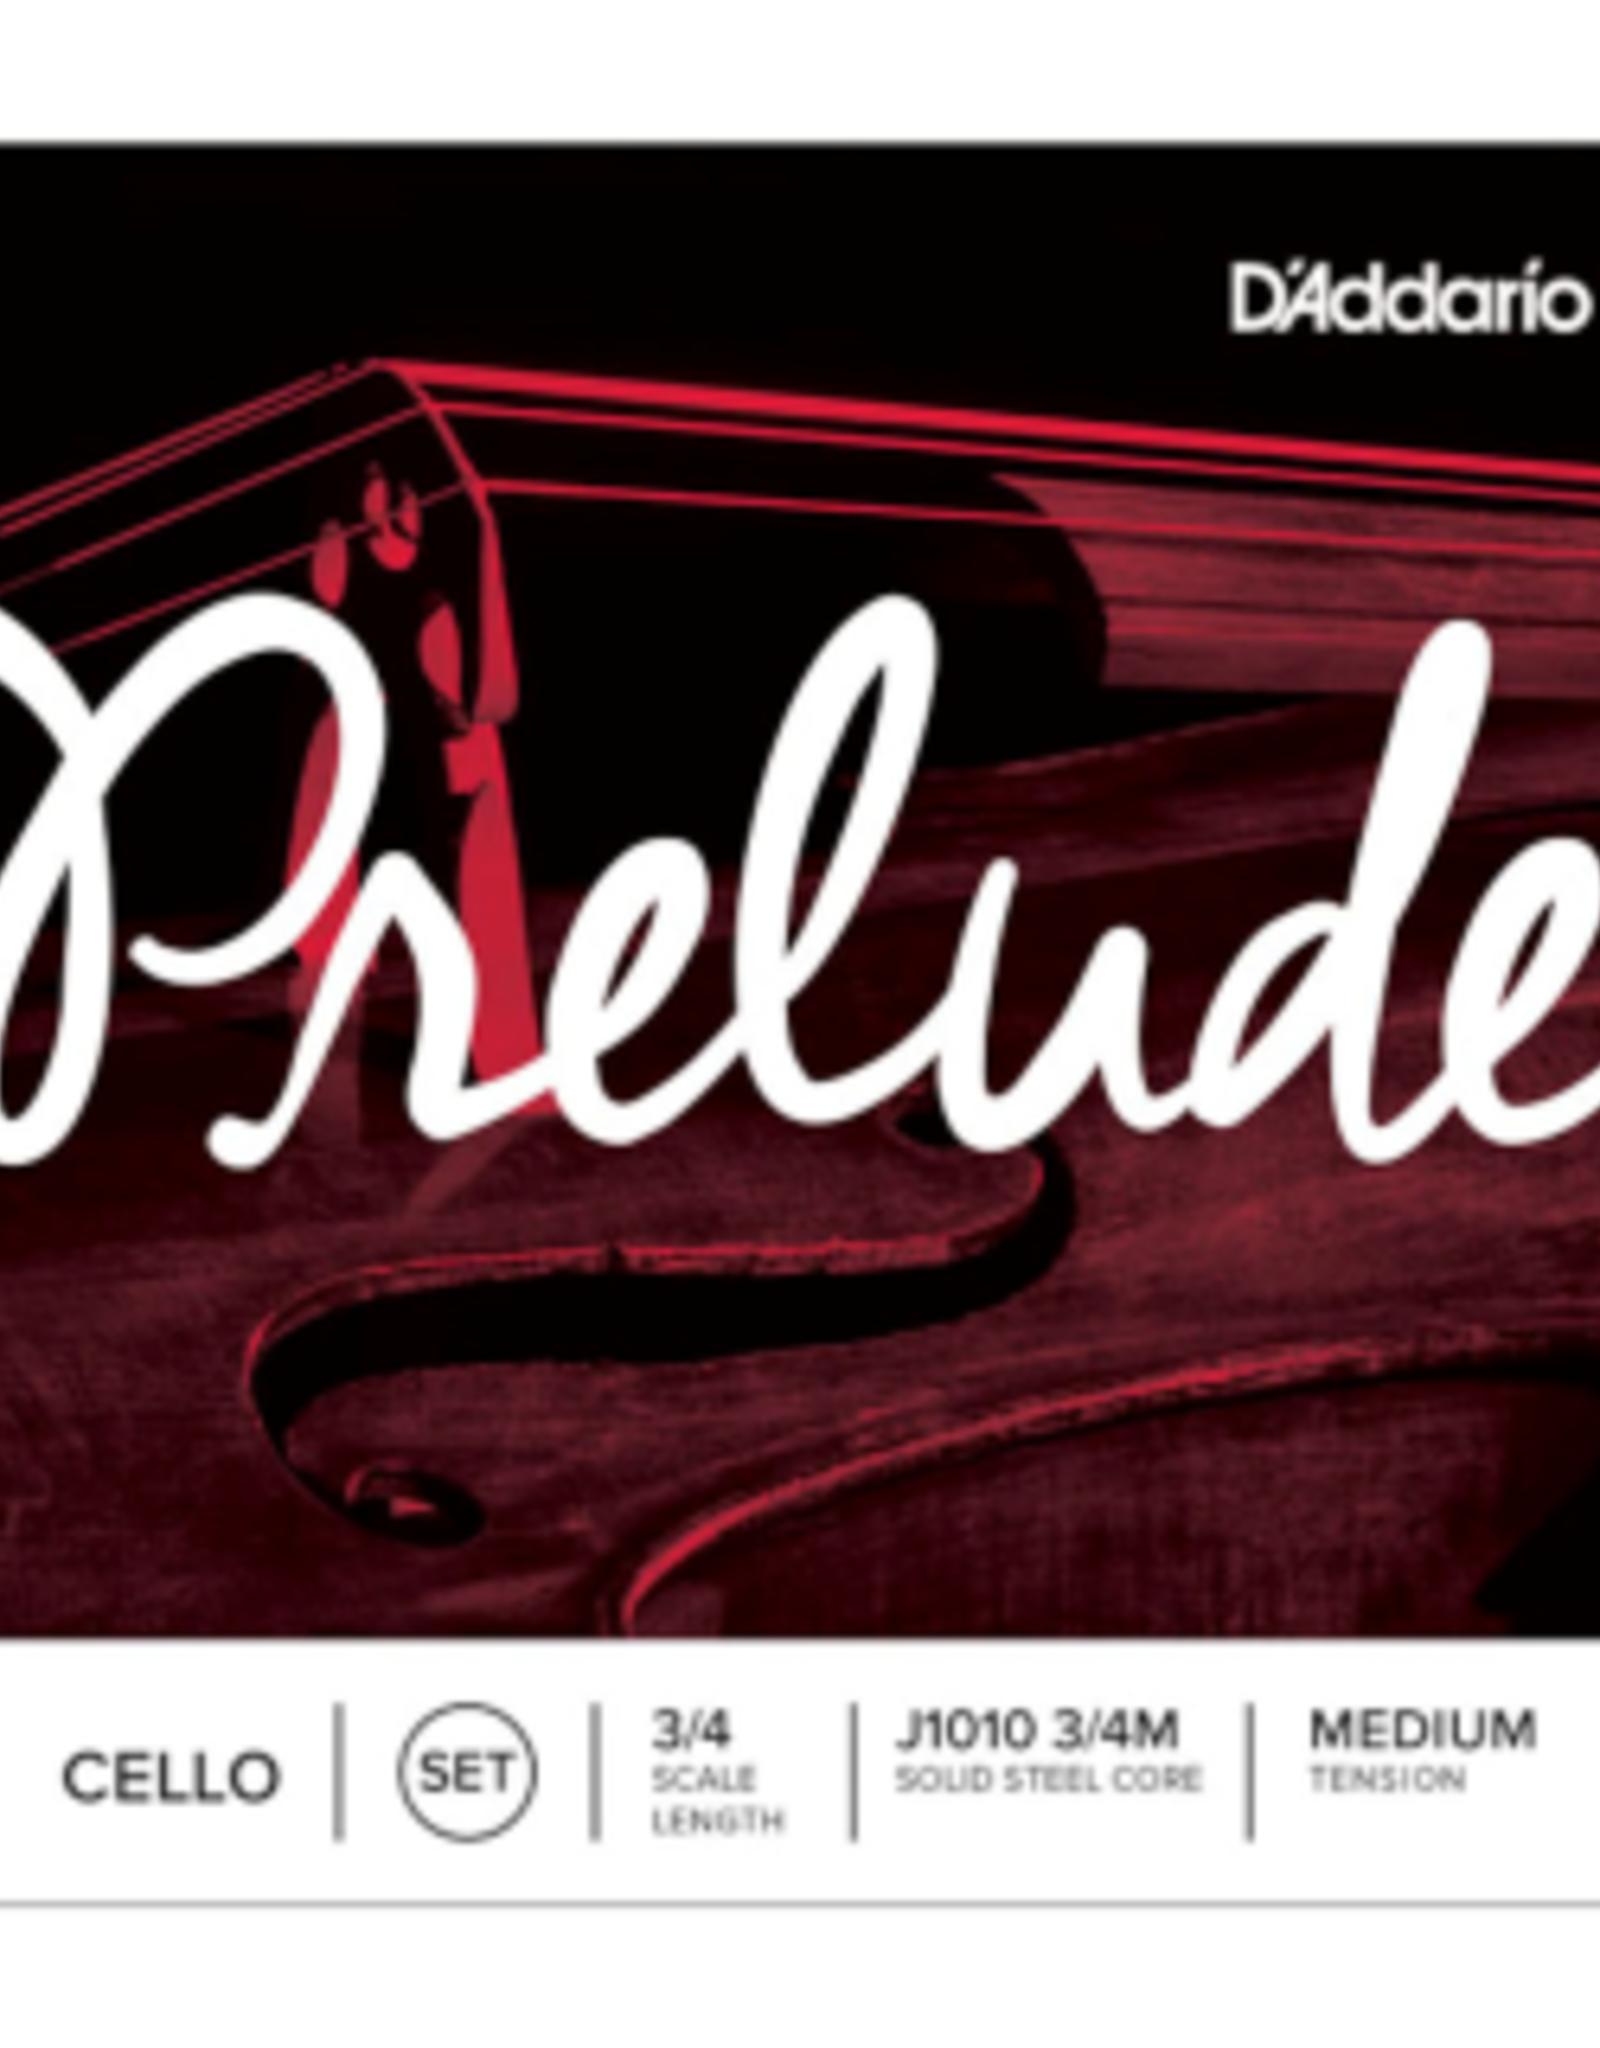 D'ADDARIO Prelude snarenset cello, 3/4